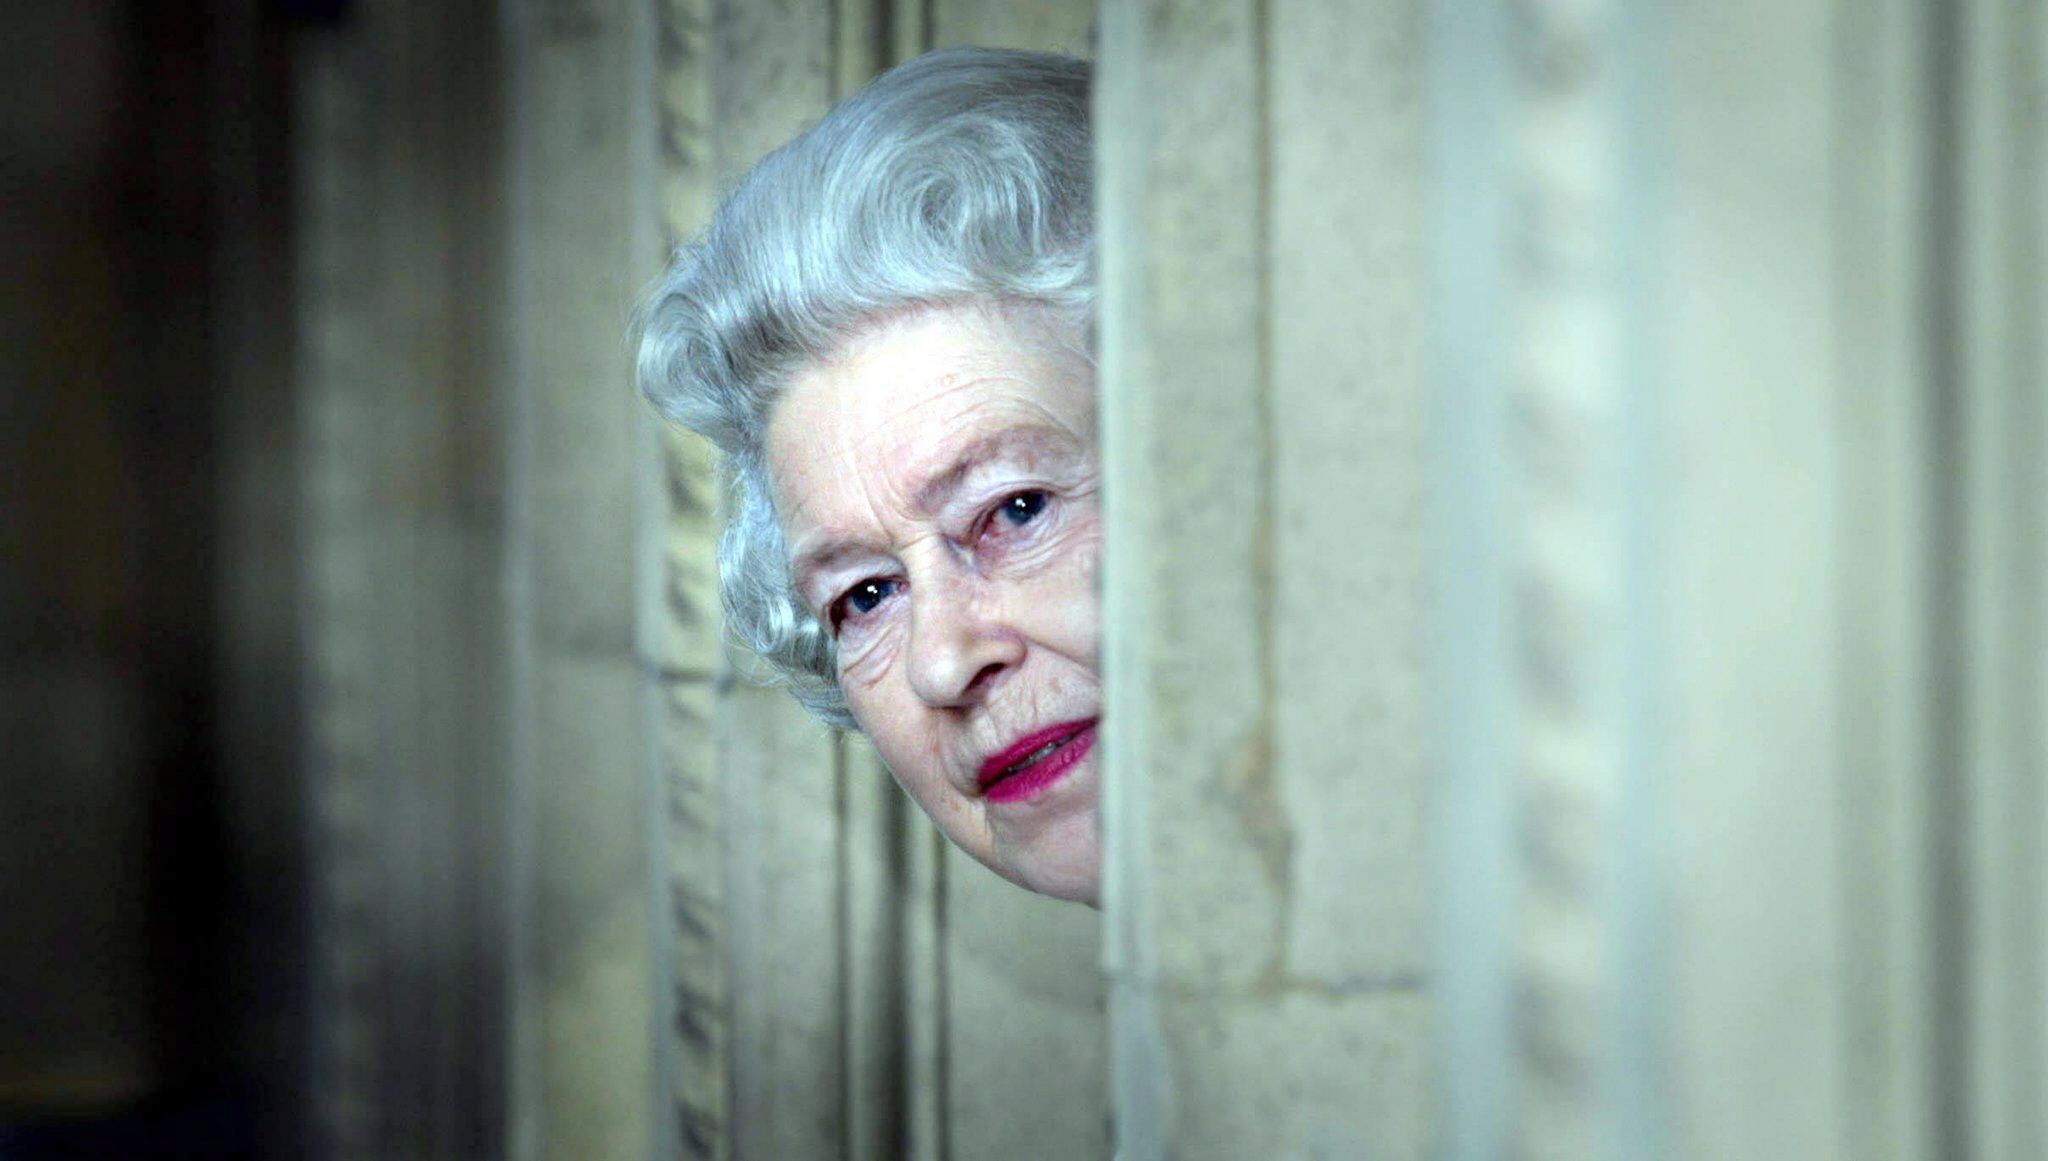 En marzo de 2005, la reina se asoma tras una esquina durante una visita al Royal Albert Hall en Londres para celebrar el fin del programa de restauración del edificio que duró ocho años. (Archivo)